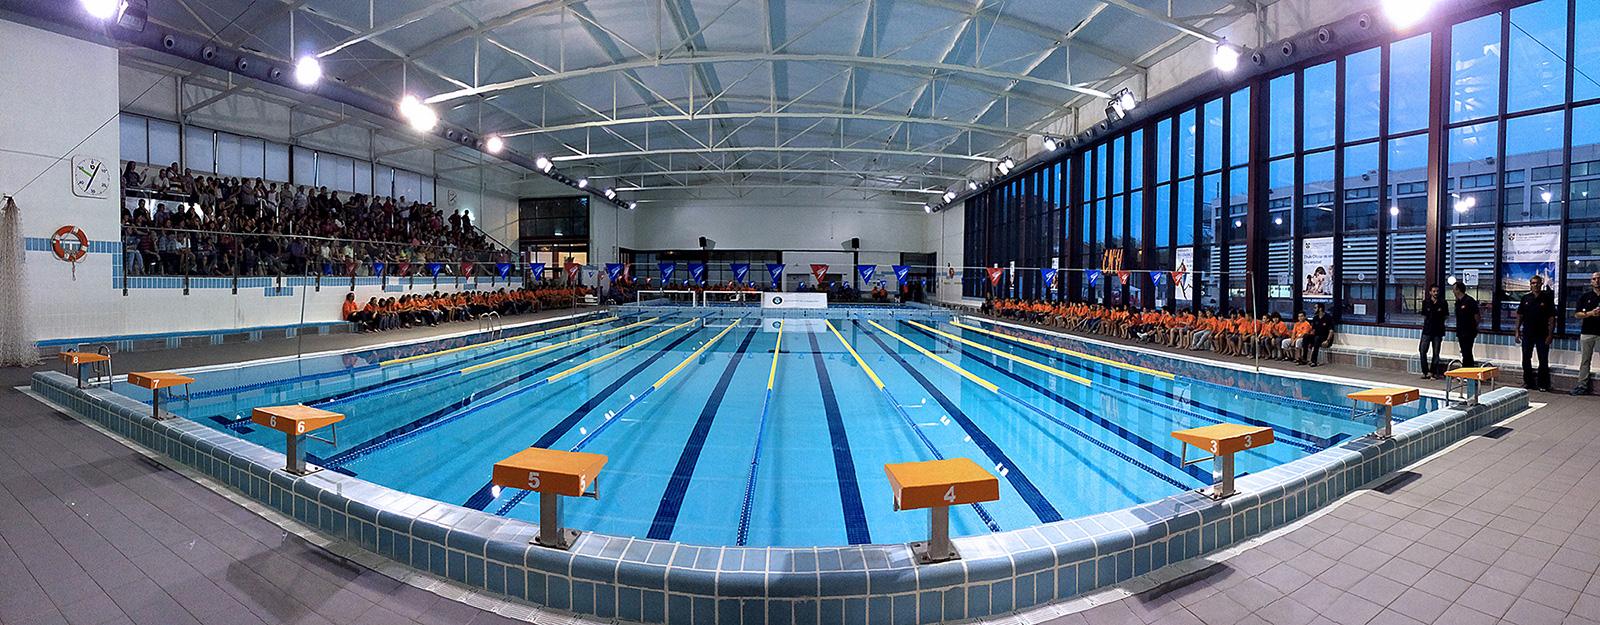 Cnlh web oficial del club nataci l 39 hospitalet for Piscinas municipales barcelona